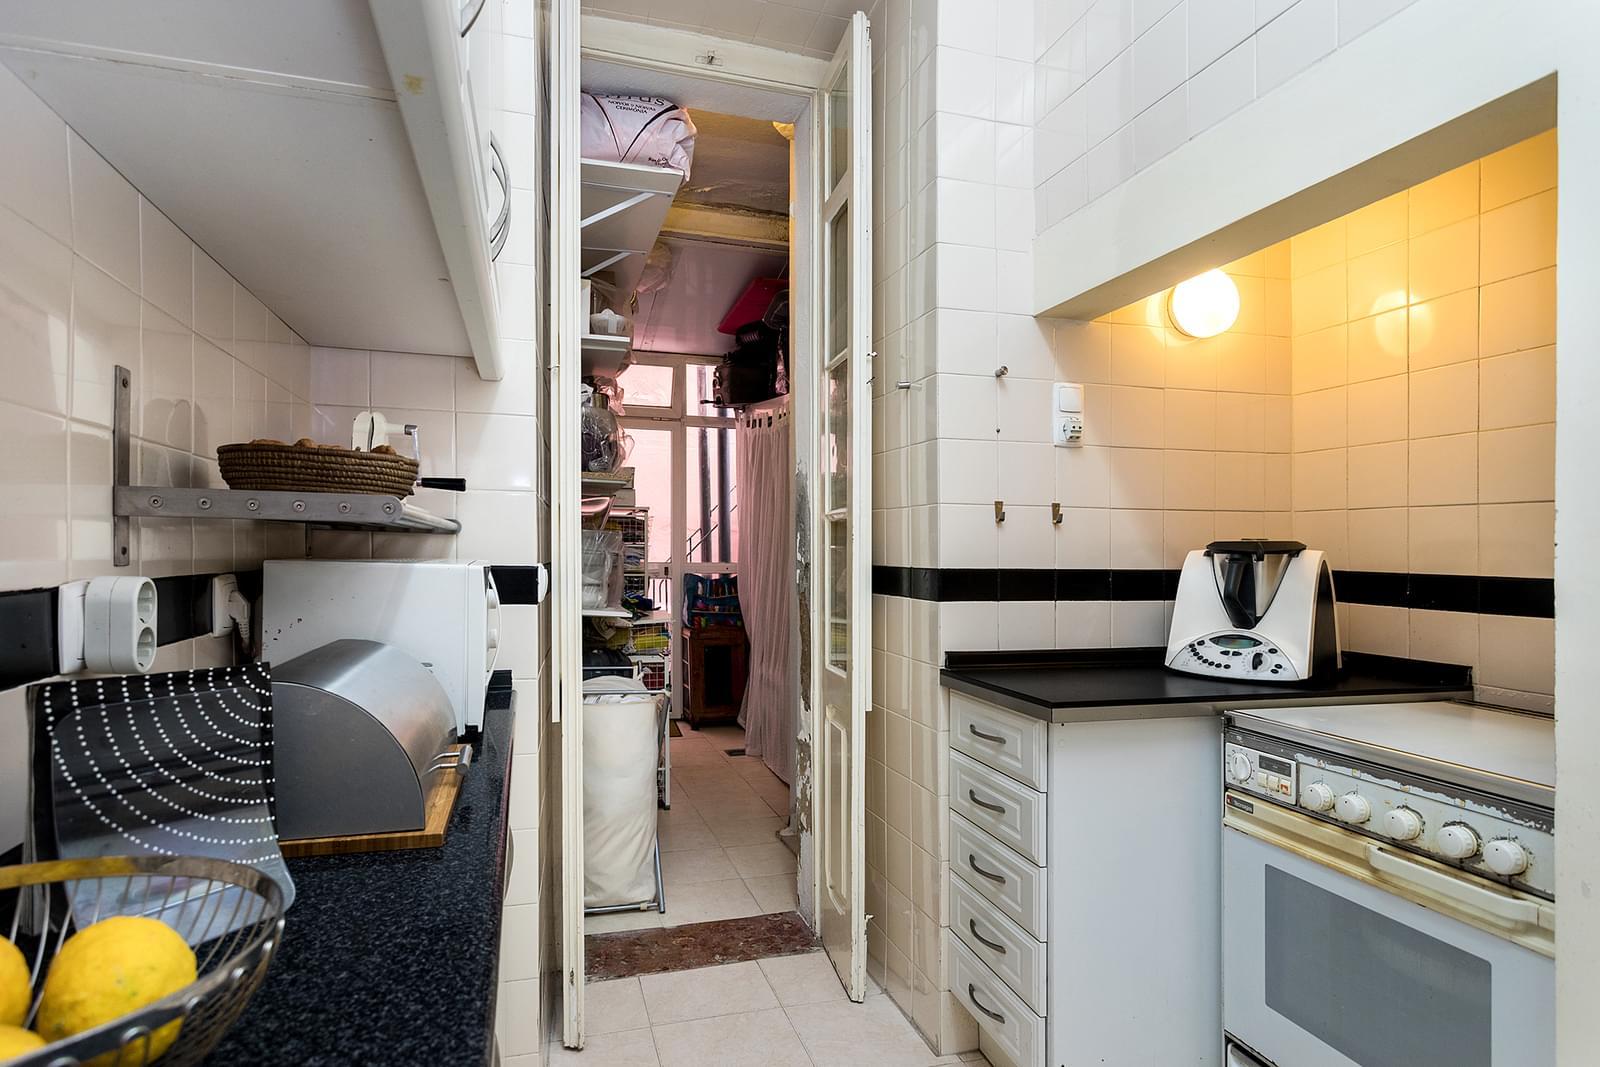 pf17379-apartamento-t3-lisboa-c1c1ac5e-54d6-4b3b-8598-3fc42a25f795